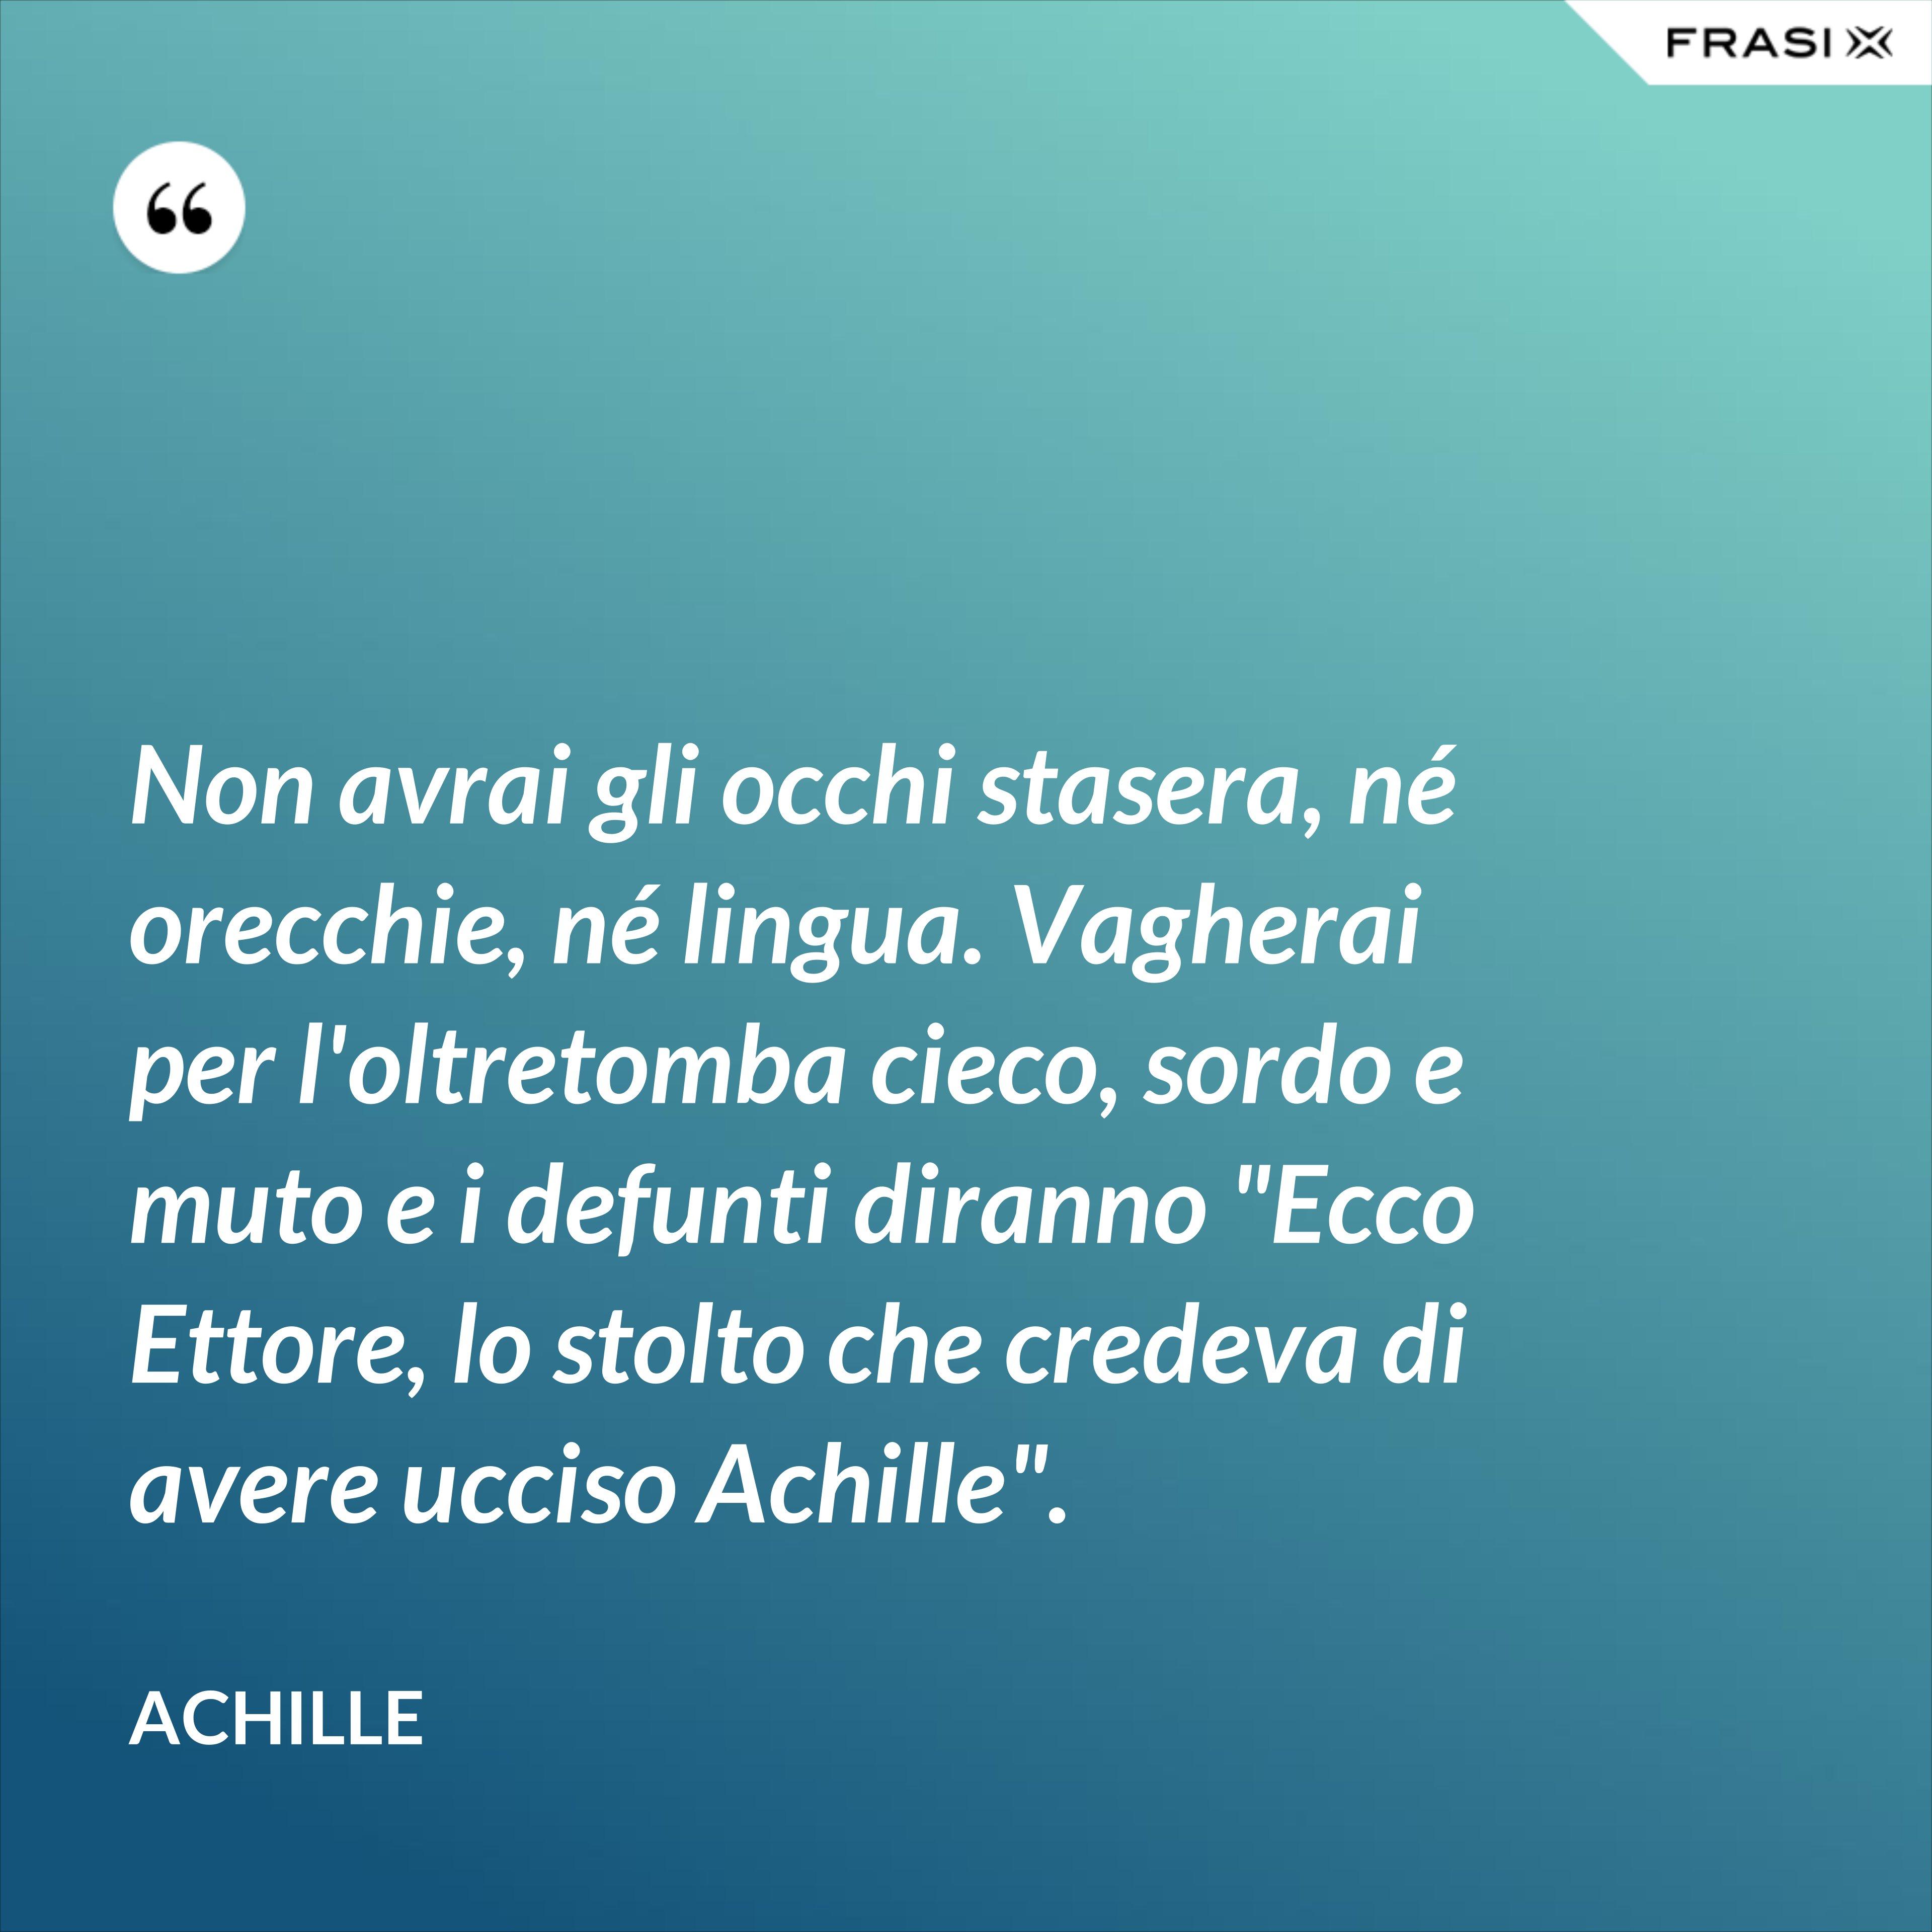 """Non avrai gli occhi stasera, né orecchie, né lingua. Vagherai per l'oltretomba cieco, sordo e muto e i defunti diranno """"Ecco Ettore, lo stolto che credeva di avere ucciso Achille"""". - Achille"""